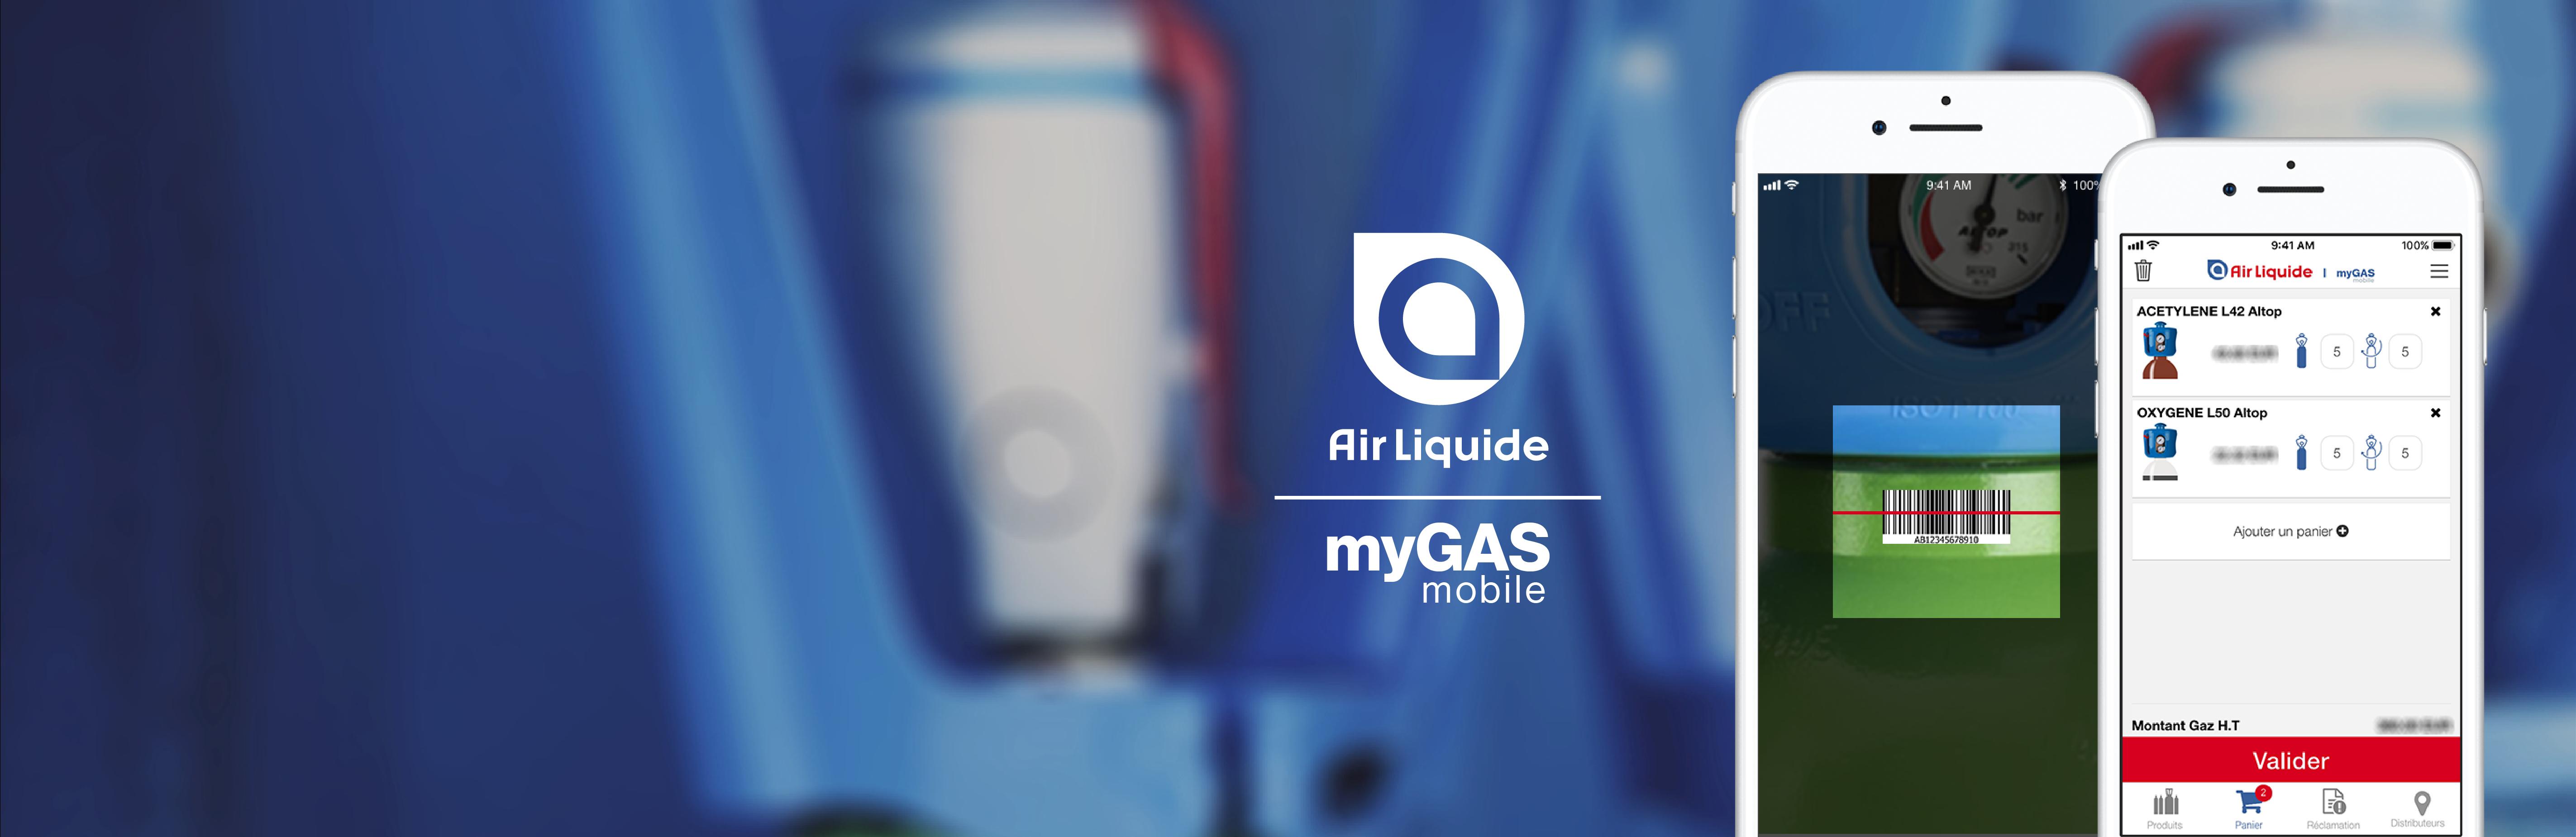 myGAS mobile - commandez vos gaz et trouvez un distributeur le plus proche de vous